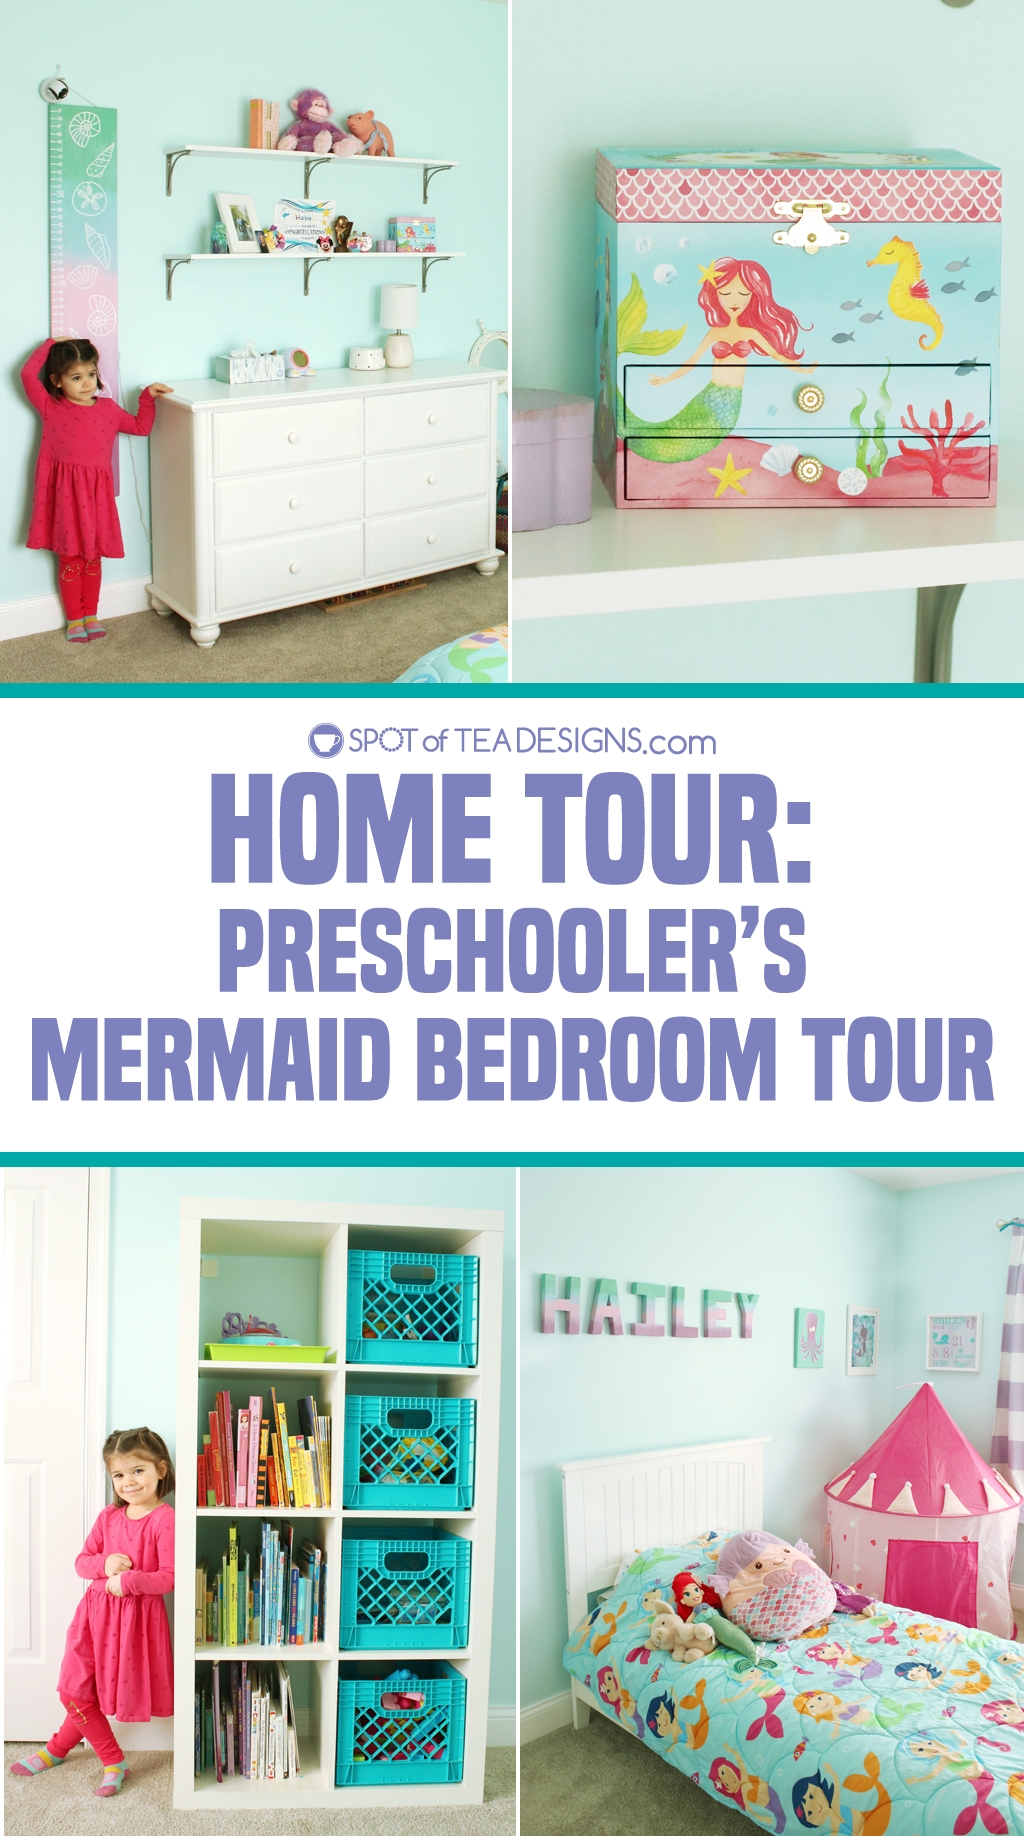 Home Tour - Preschooler's Mermaid Bedroom | spotofteadesigns.com